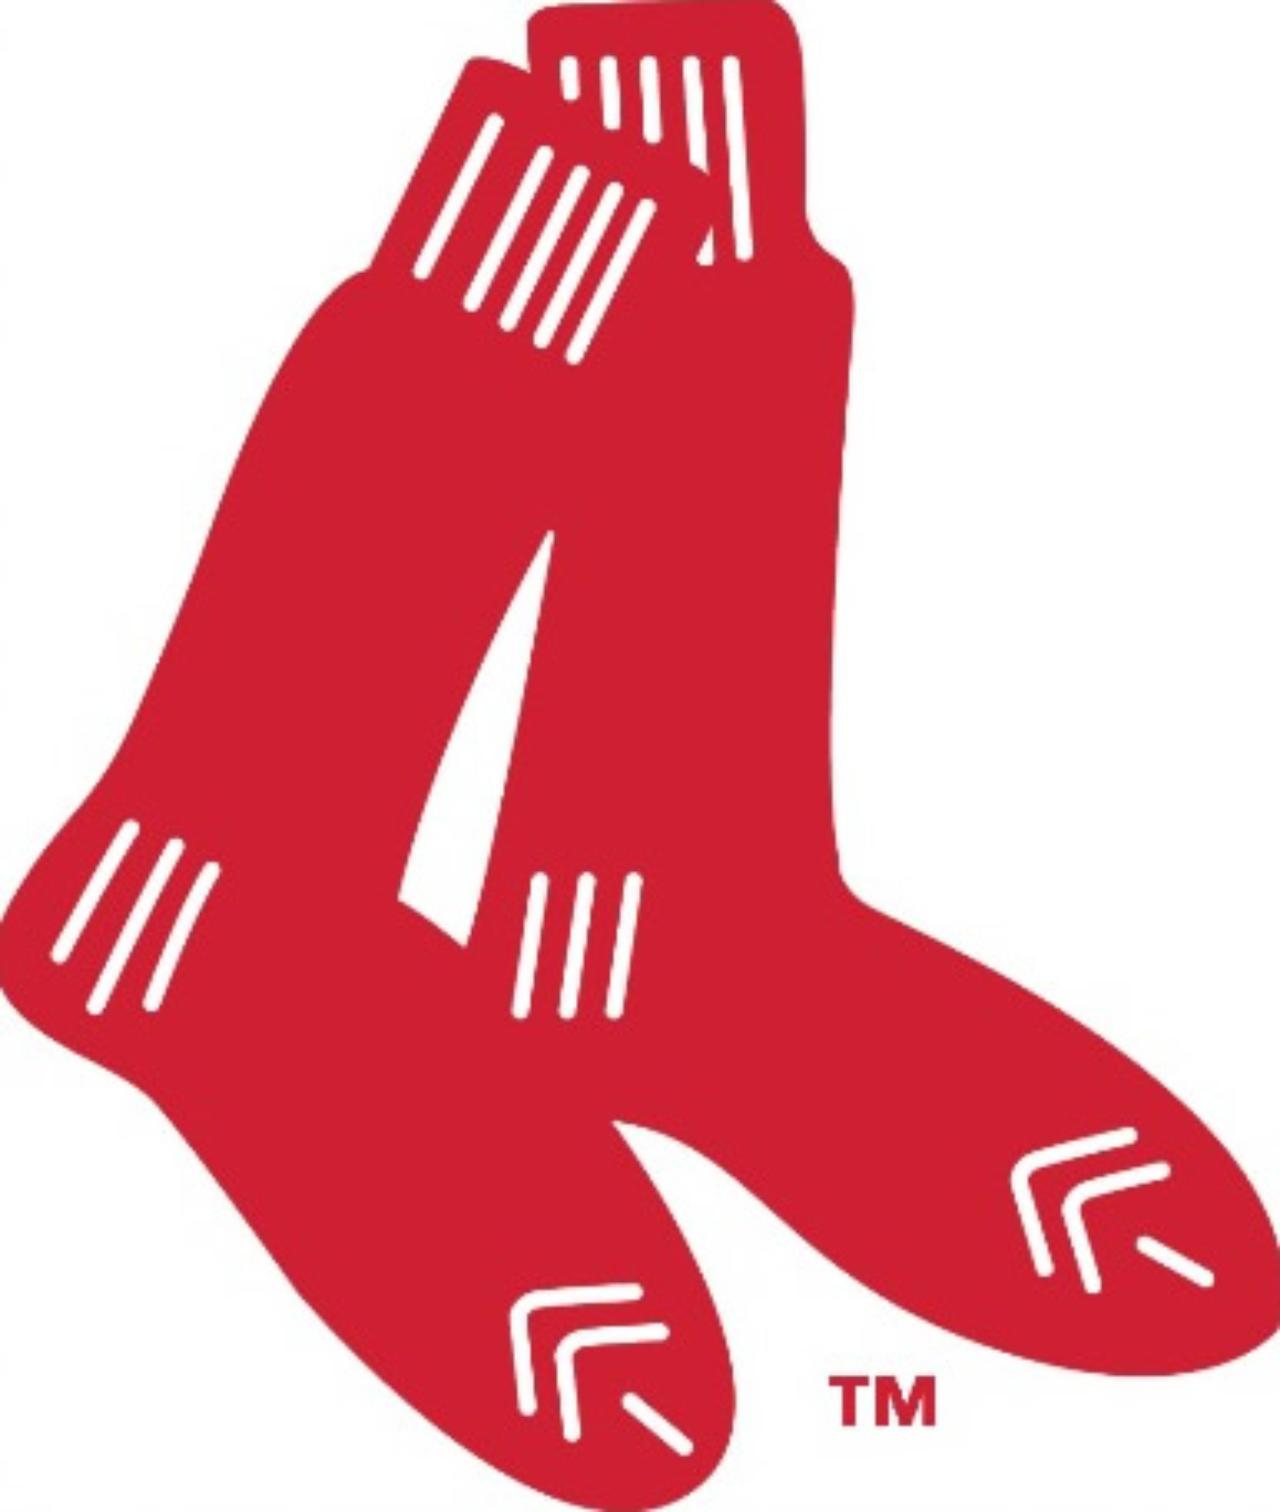 medias rojas de boston mlb